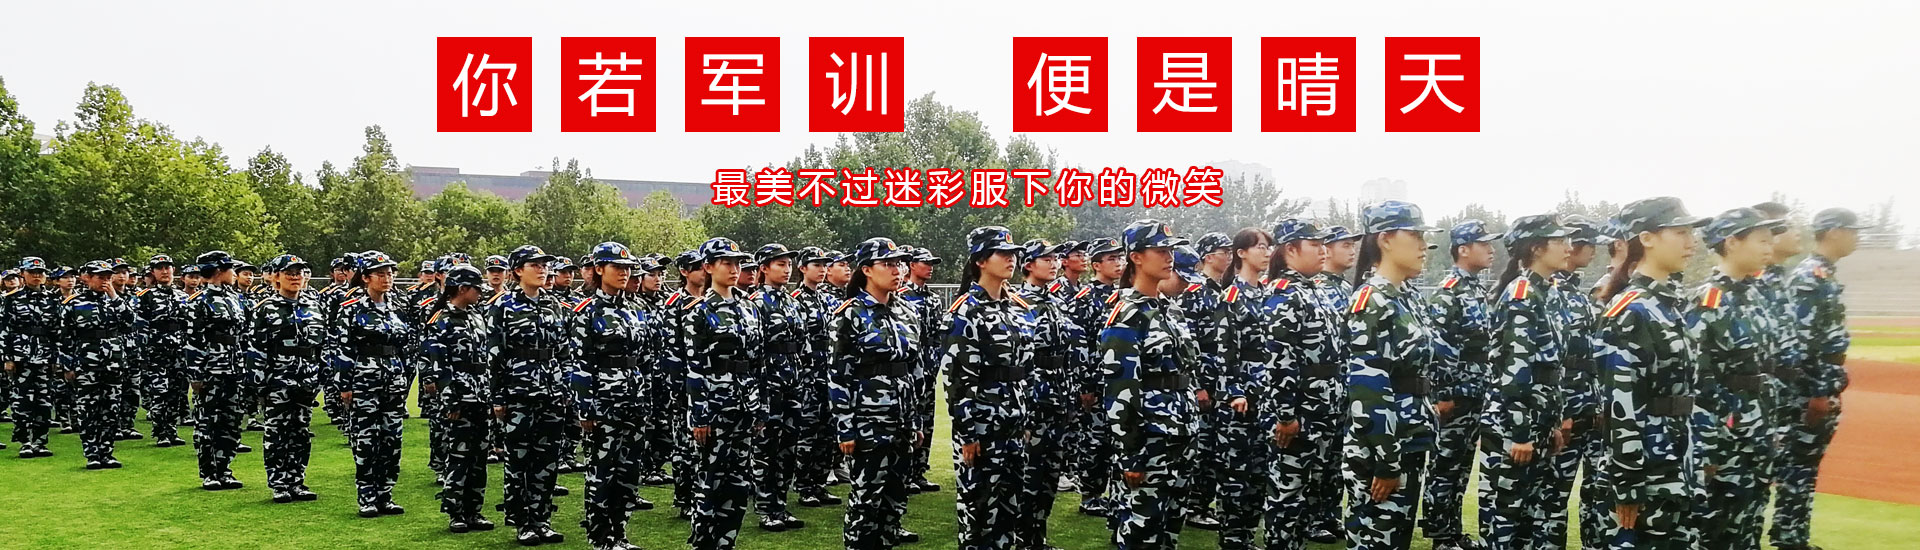 云南學生軍訓培訓基地